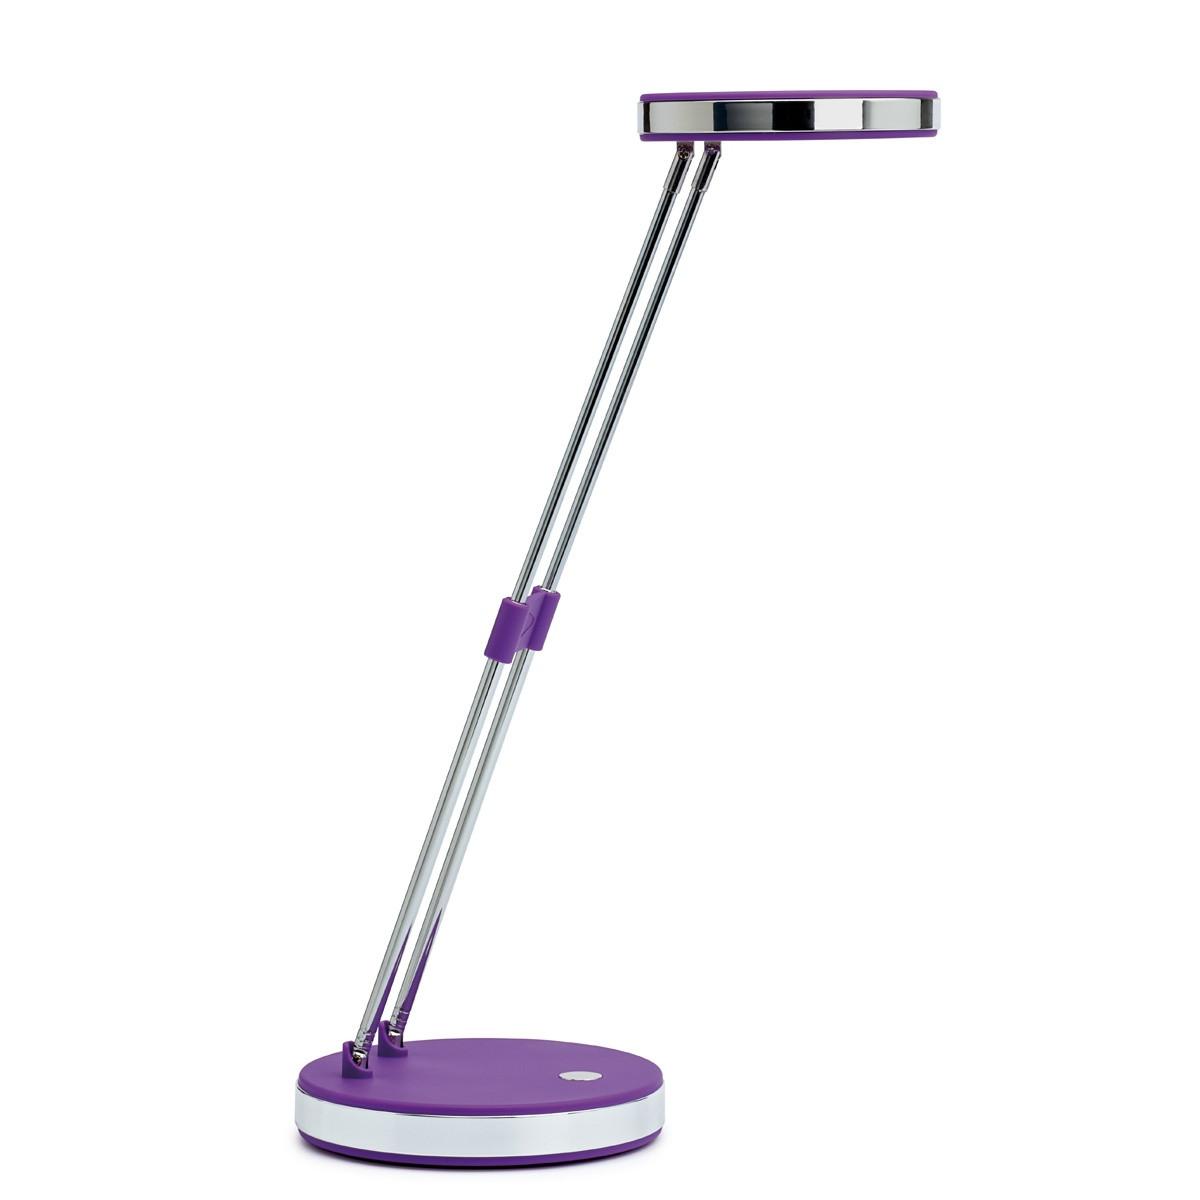 Lampe pliable lumière du jour LED Sprite viiolet